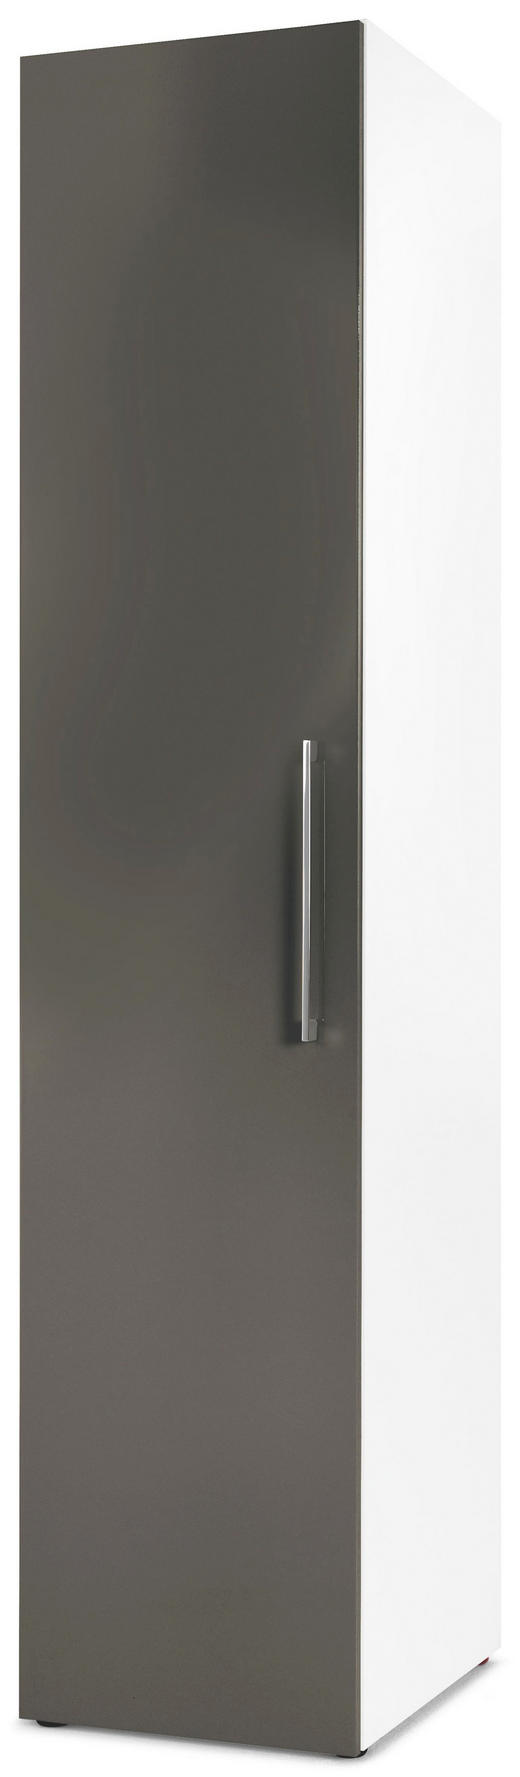 DREHTÜRENSCHRANK 1-türig Grau, Weiß - Chromfarben/Weiß, Design, Holzwerkstoff/Metall (45/208/57cm) - Carryhome